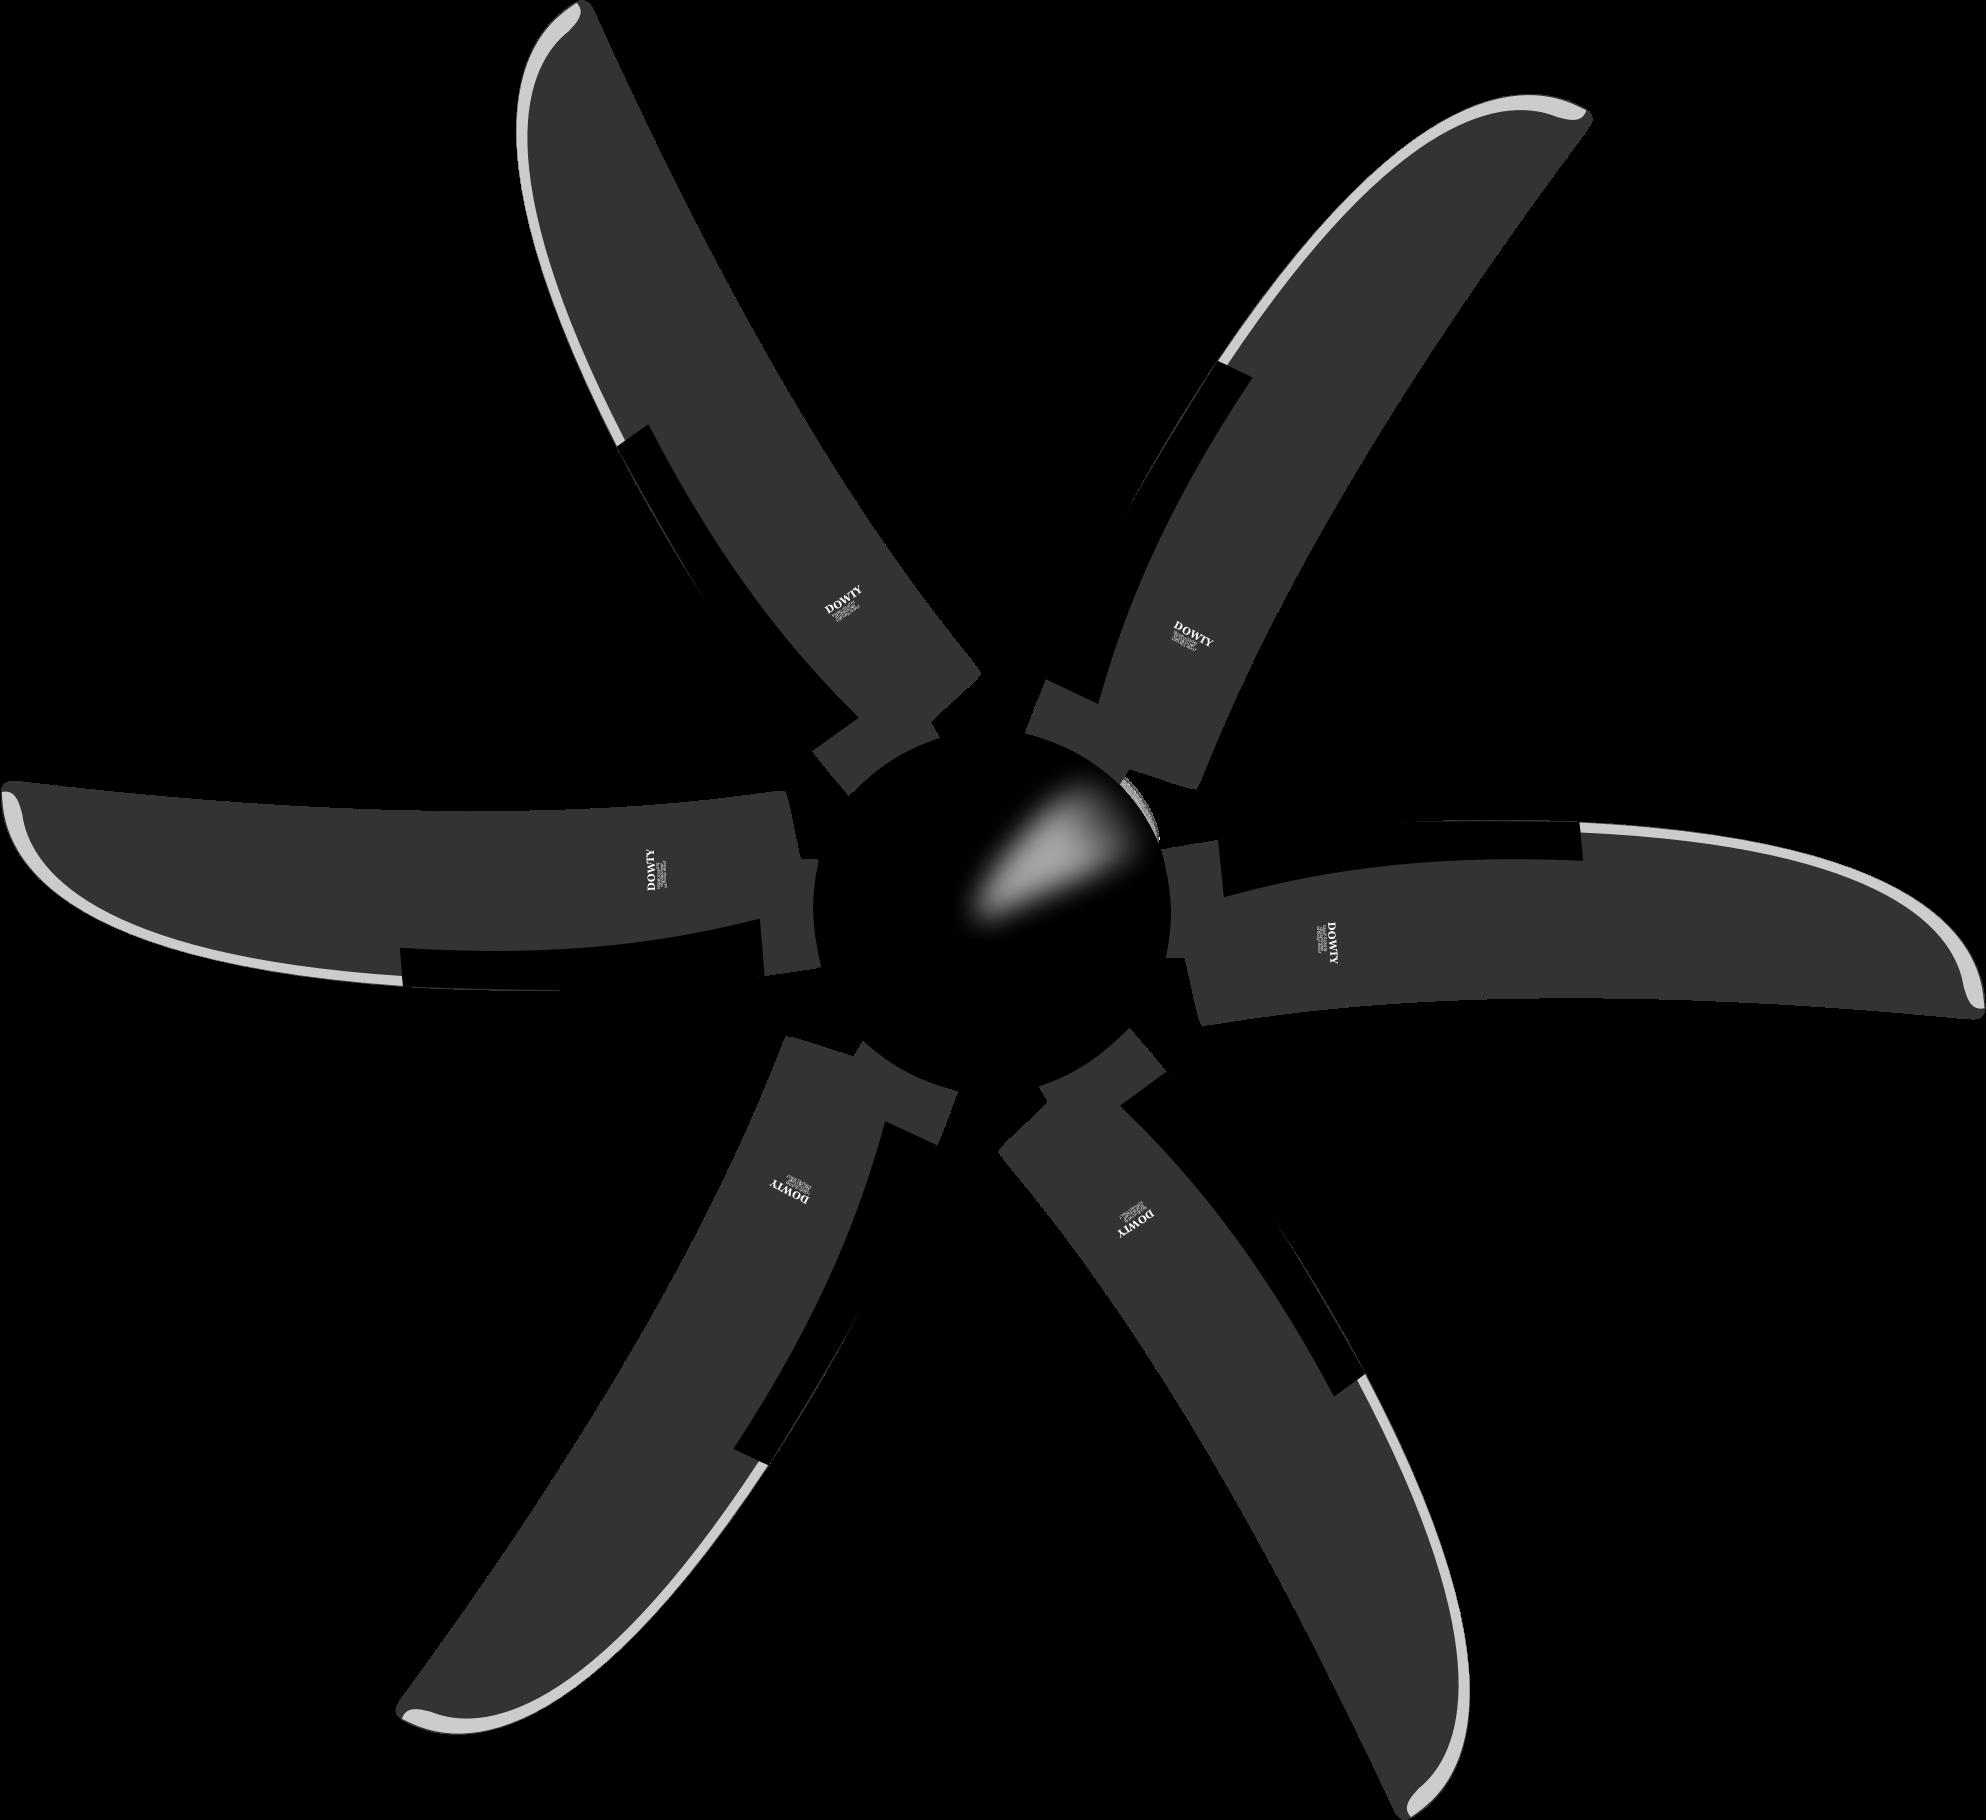 q400 propeller 日本の航空会社では、-100/-200がコミューター路線の大型化により1990年代後半から、またq300/q400 がys-11の後継機として2003年より地方路線を中心に運用されている.